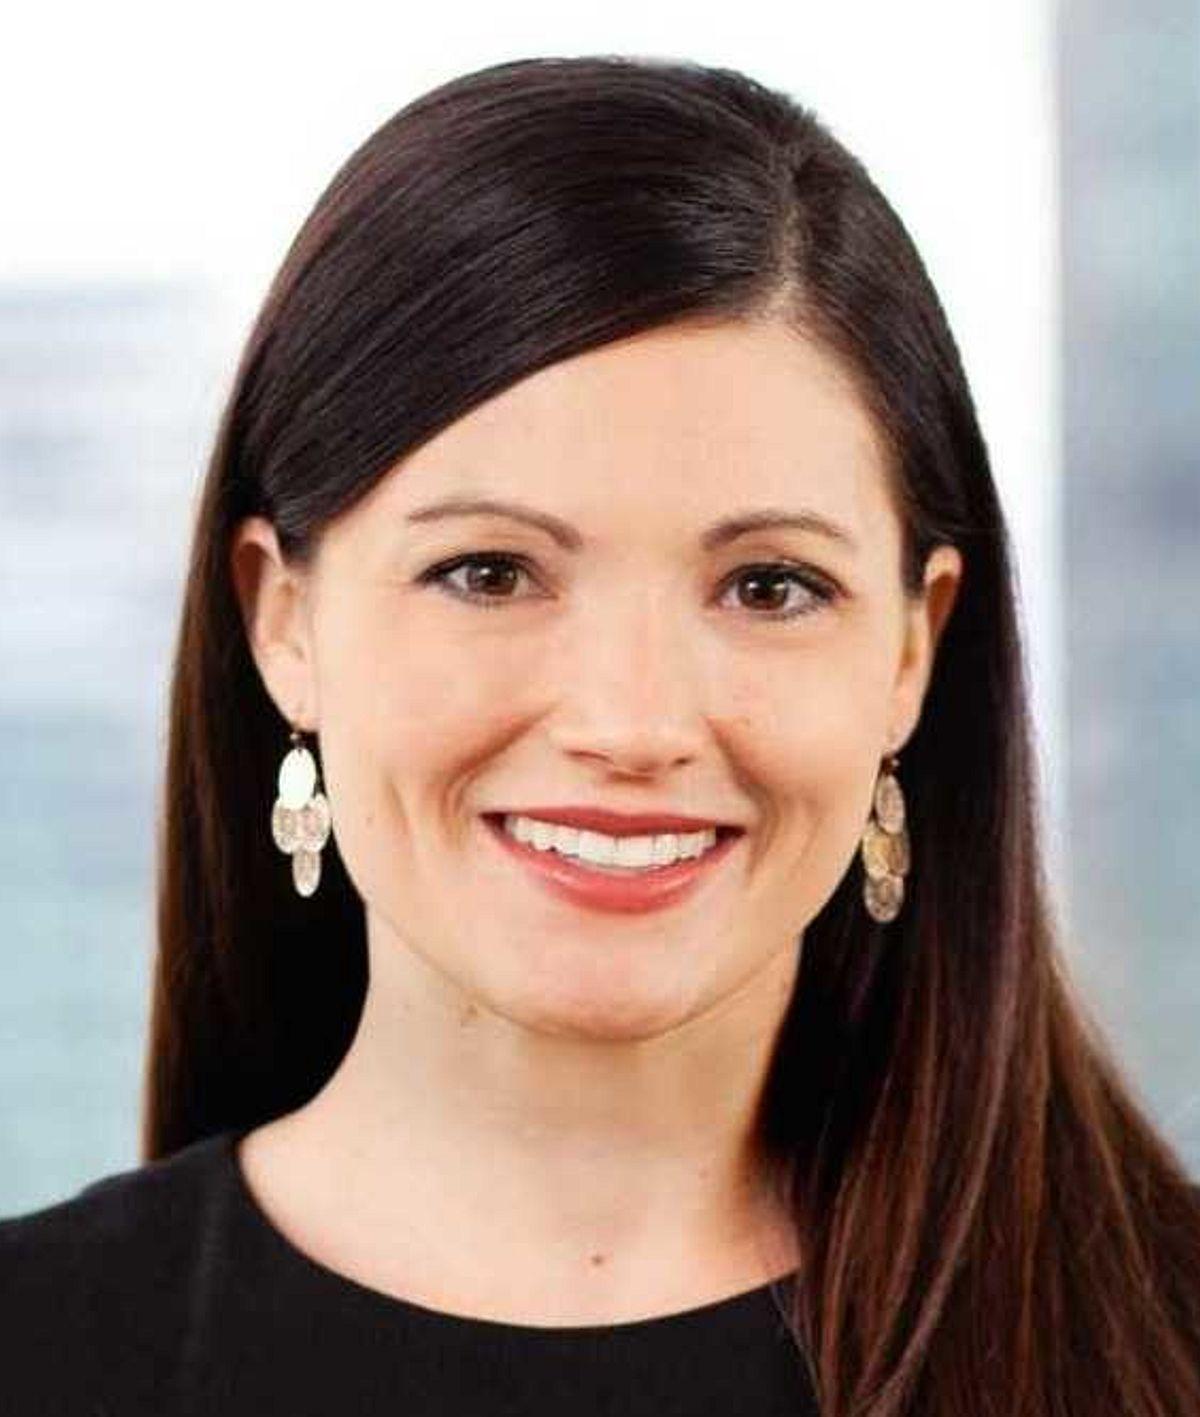 Christina Capadona Schmitz